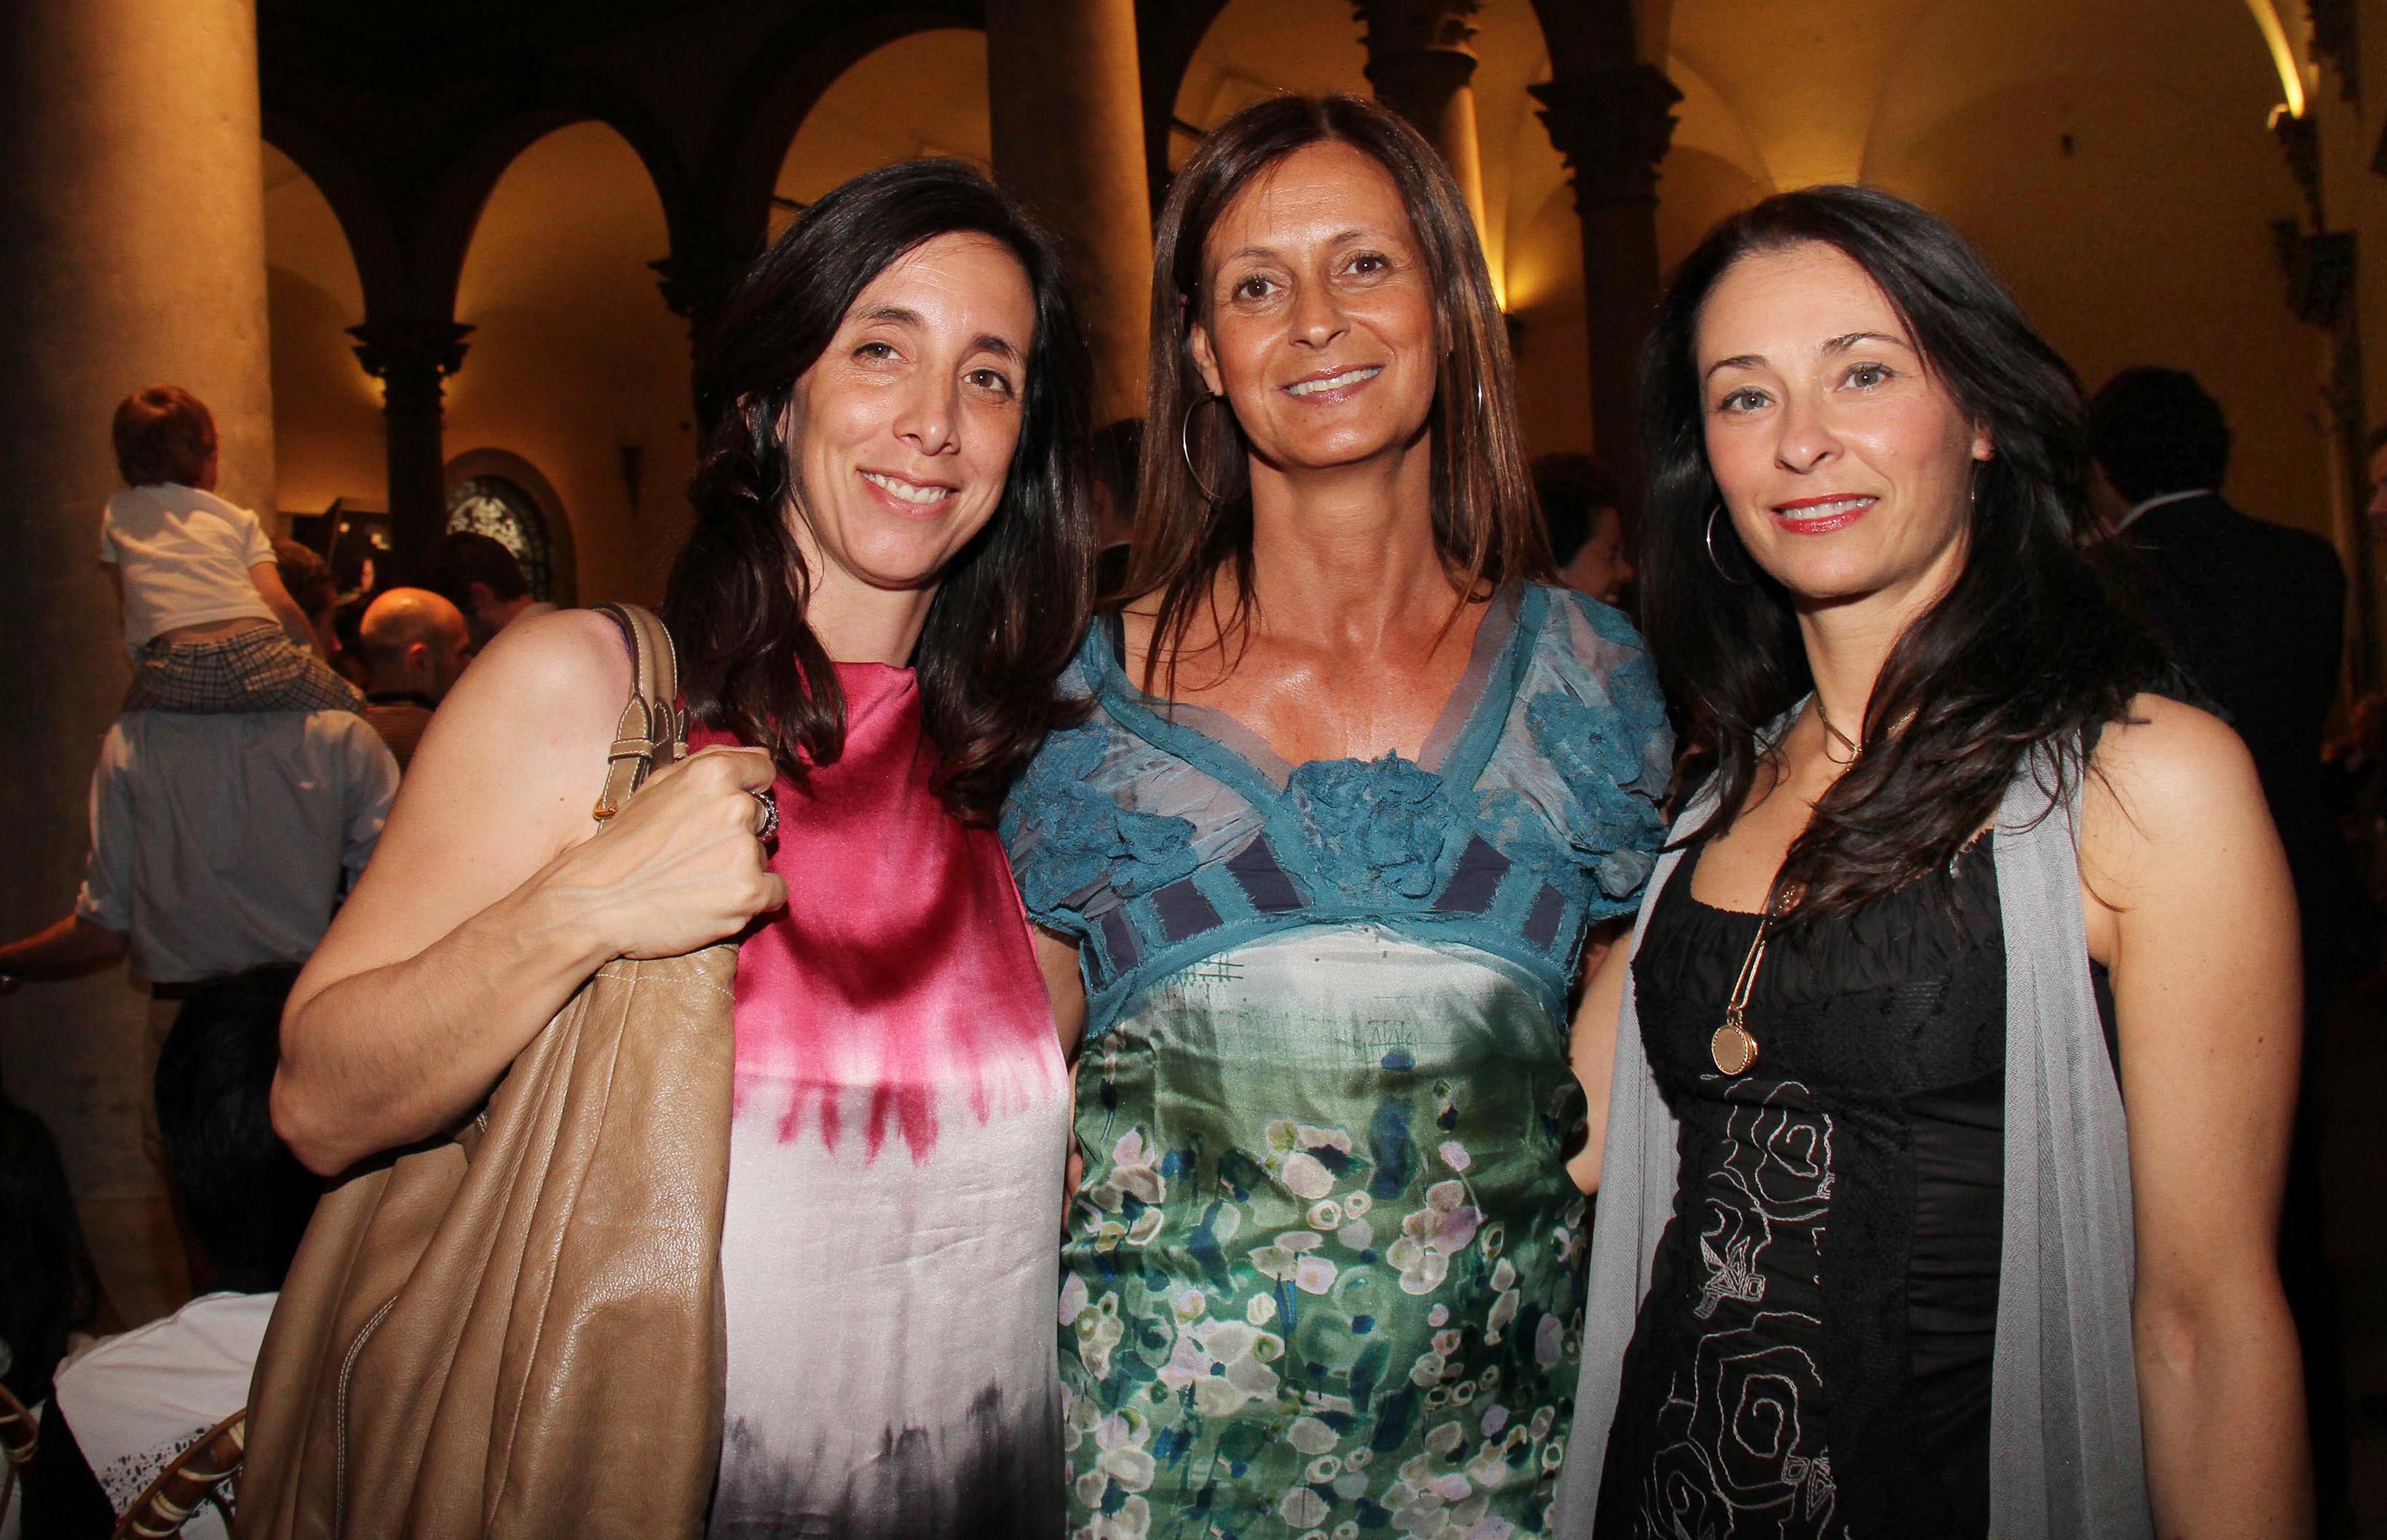 PRESSPHOTO Firenze, Palazzo Strozzi, Milano 25, Col cuore si può. Nella foto Paola Antoniol, Letizia Manoelli e Gisella Mossa